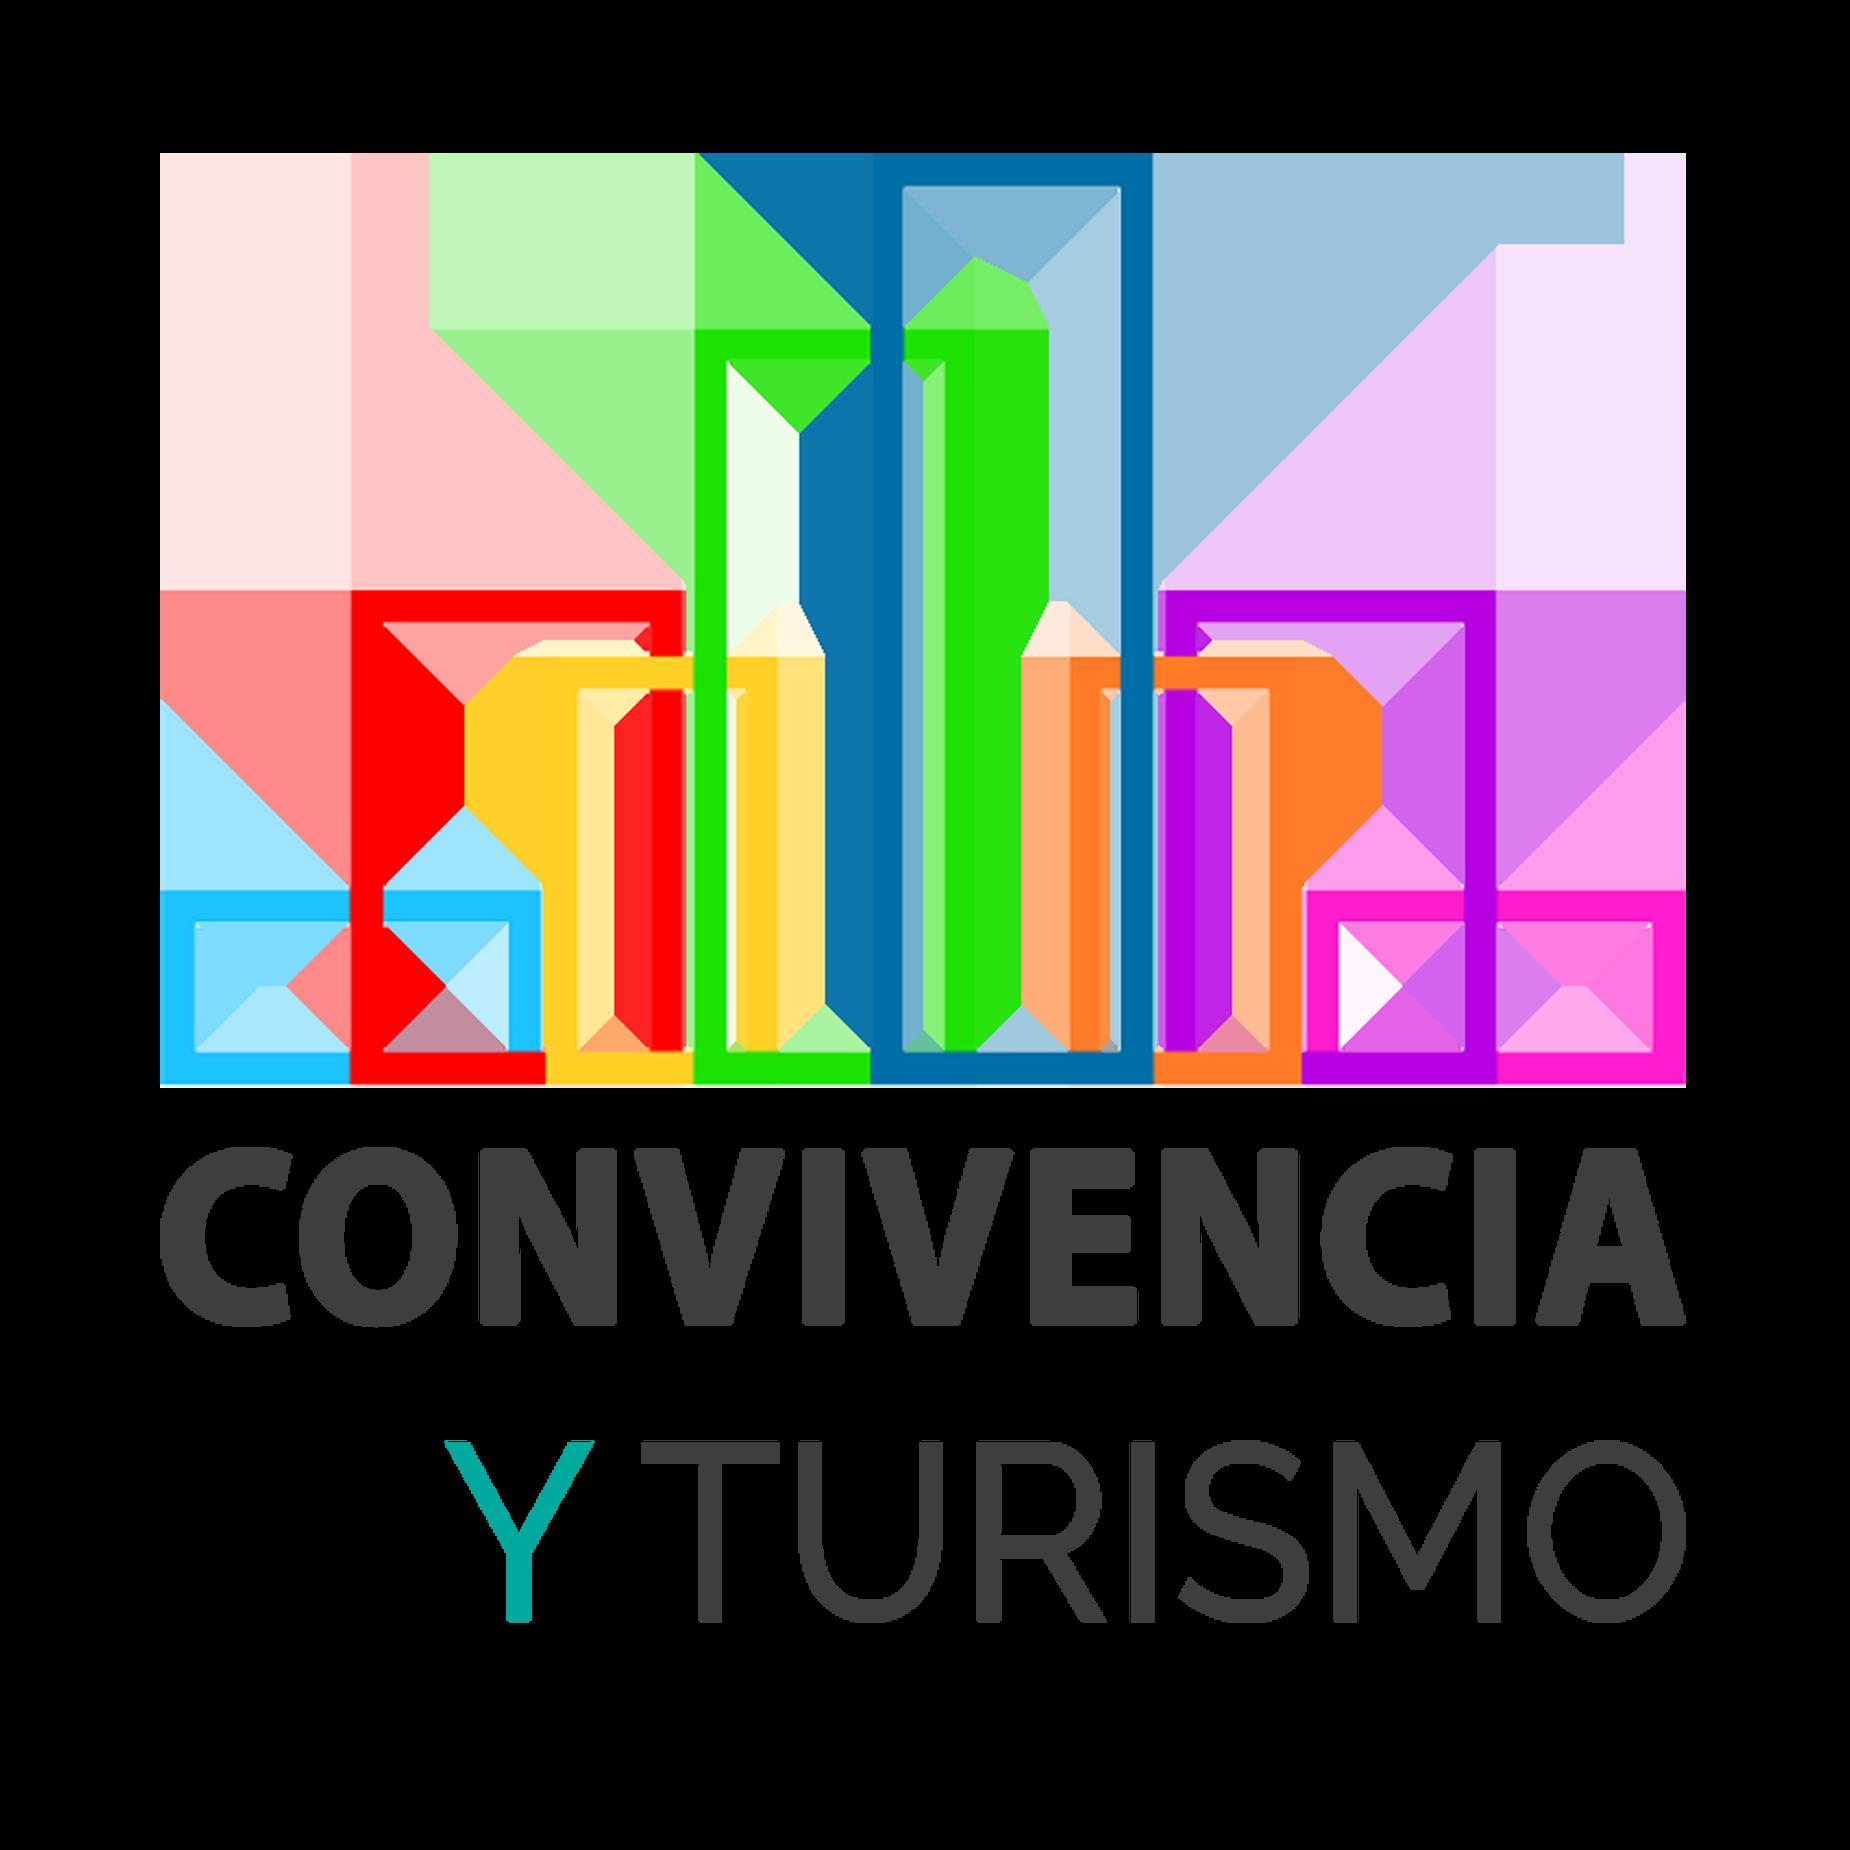 Convivencia y Turismo